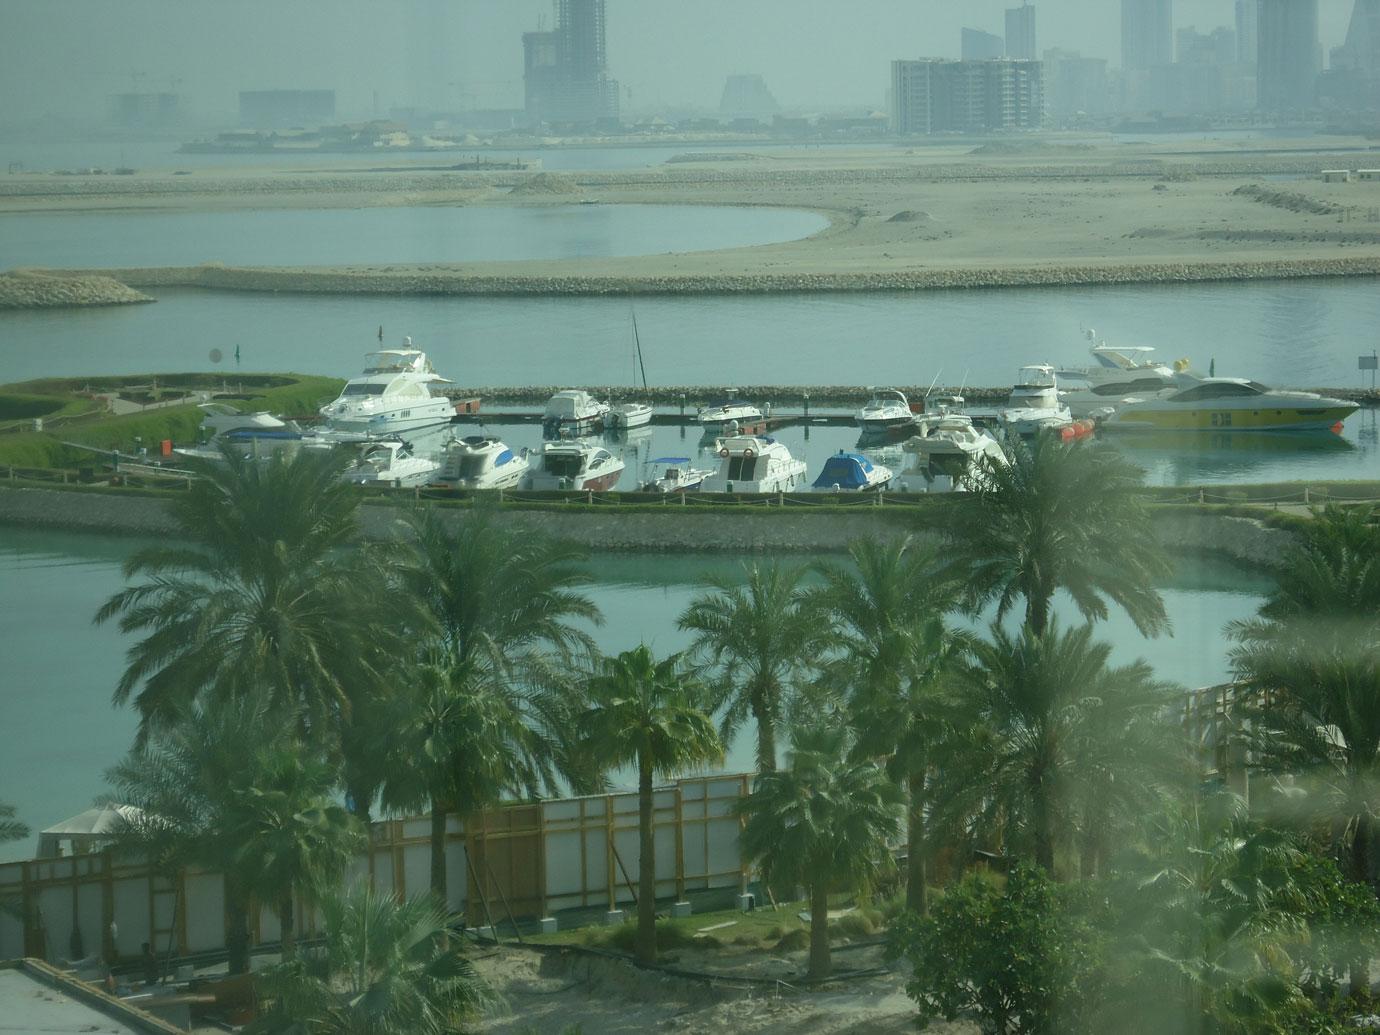 Manama'da deniz doldurularak elde edilen kıyı yapıları